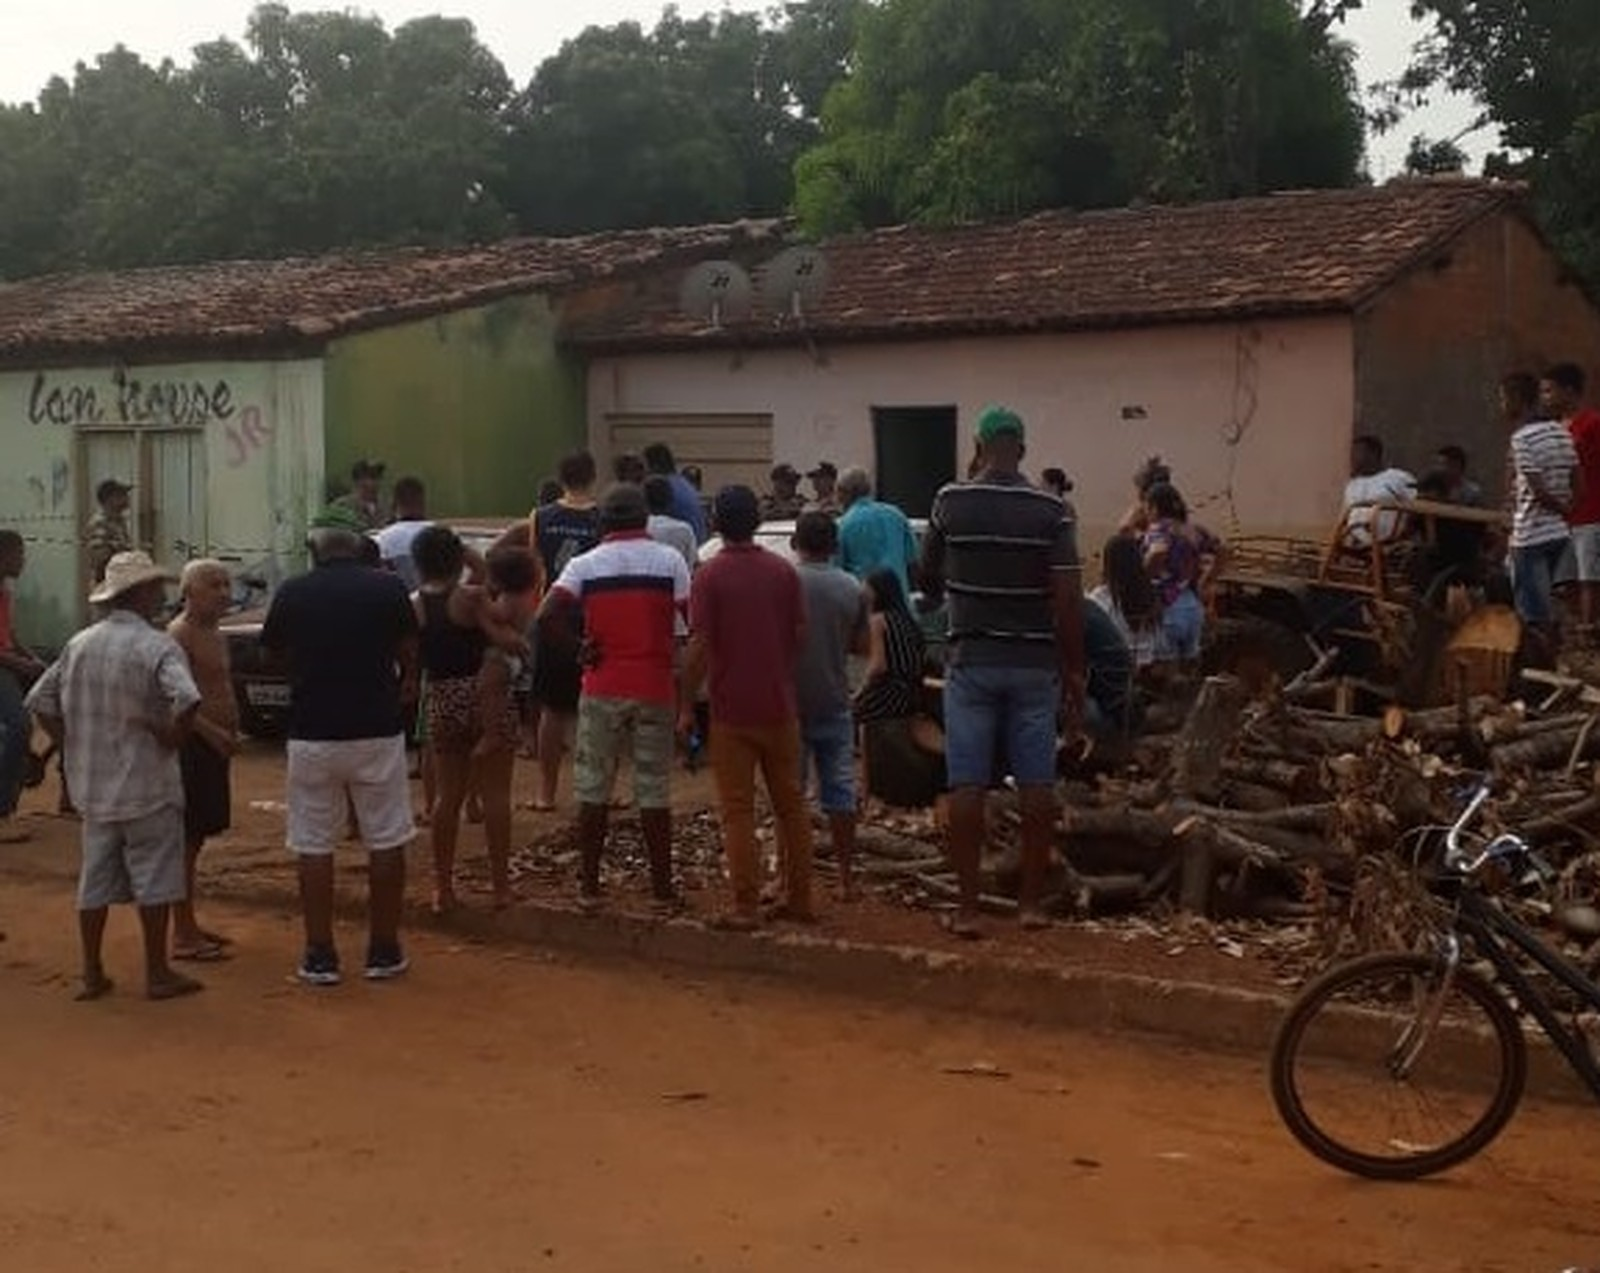 Homem tenta assassinar ex-mulher e depois se mata em Porto Nacional